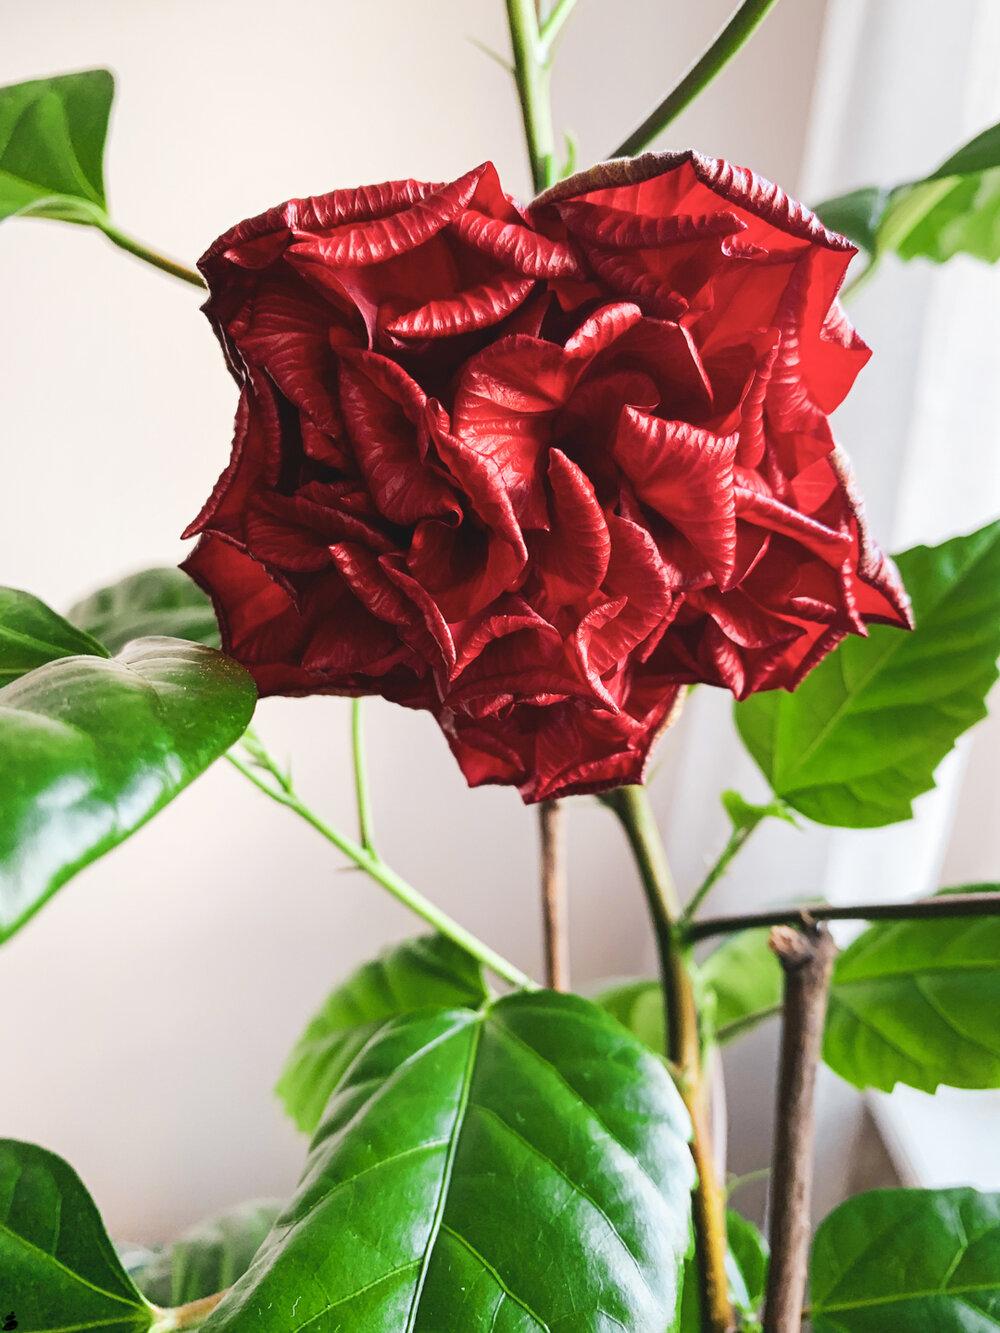 Kolla vad fin blomma vår Kinaros fått! Ger verkligen fin energi i rummet.